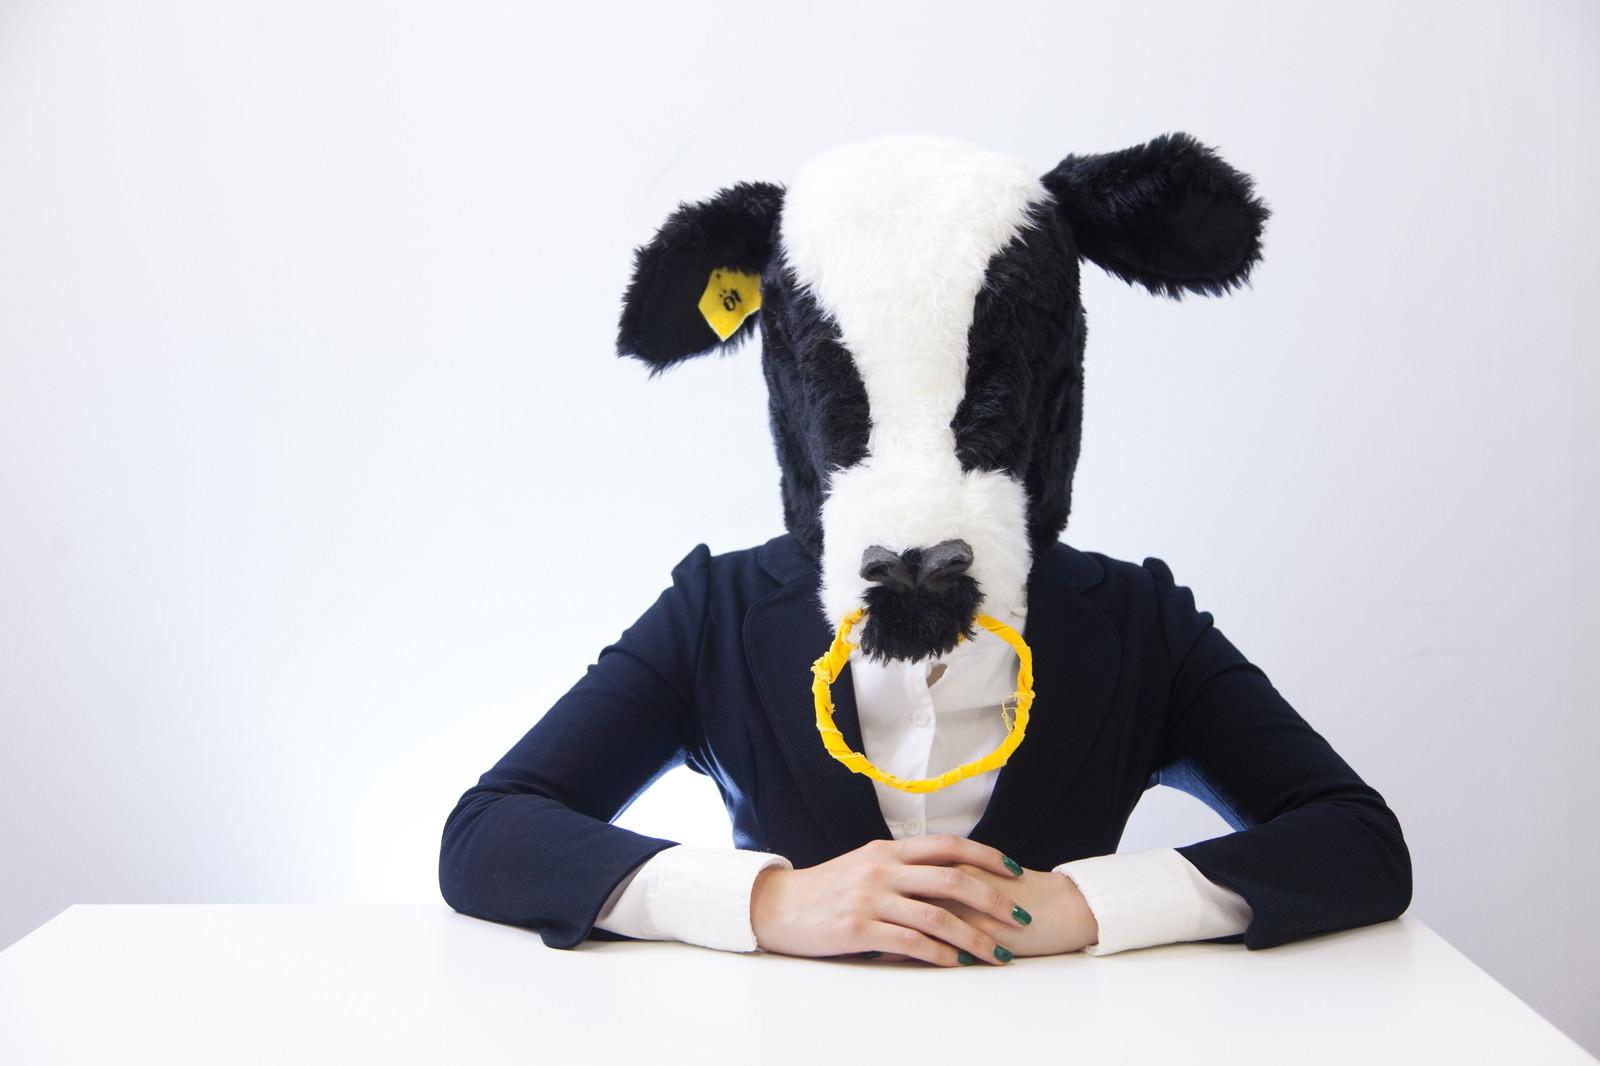 「指示待ちの牛」の写真[モデル:古性のっち]